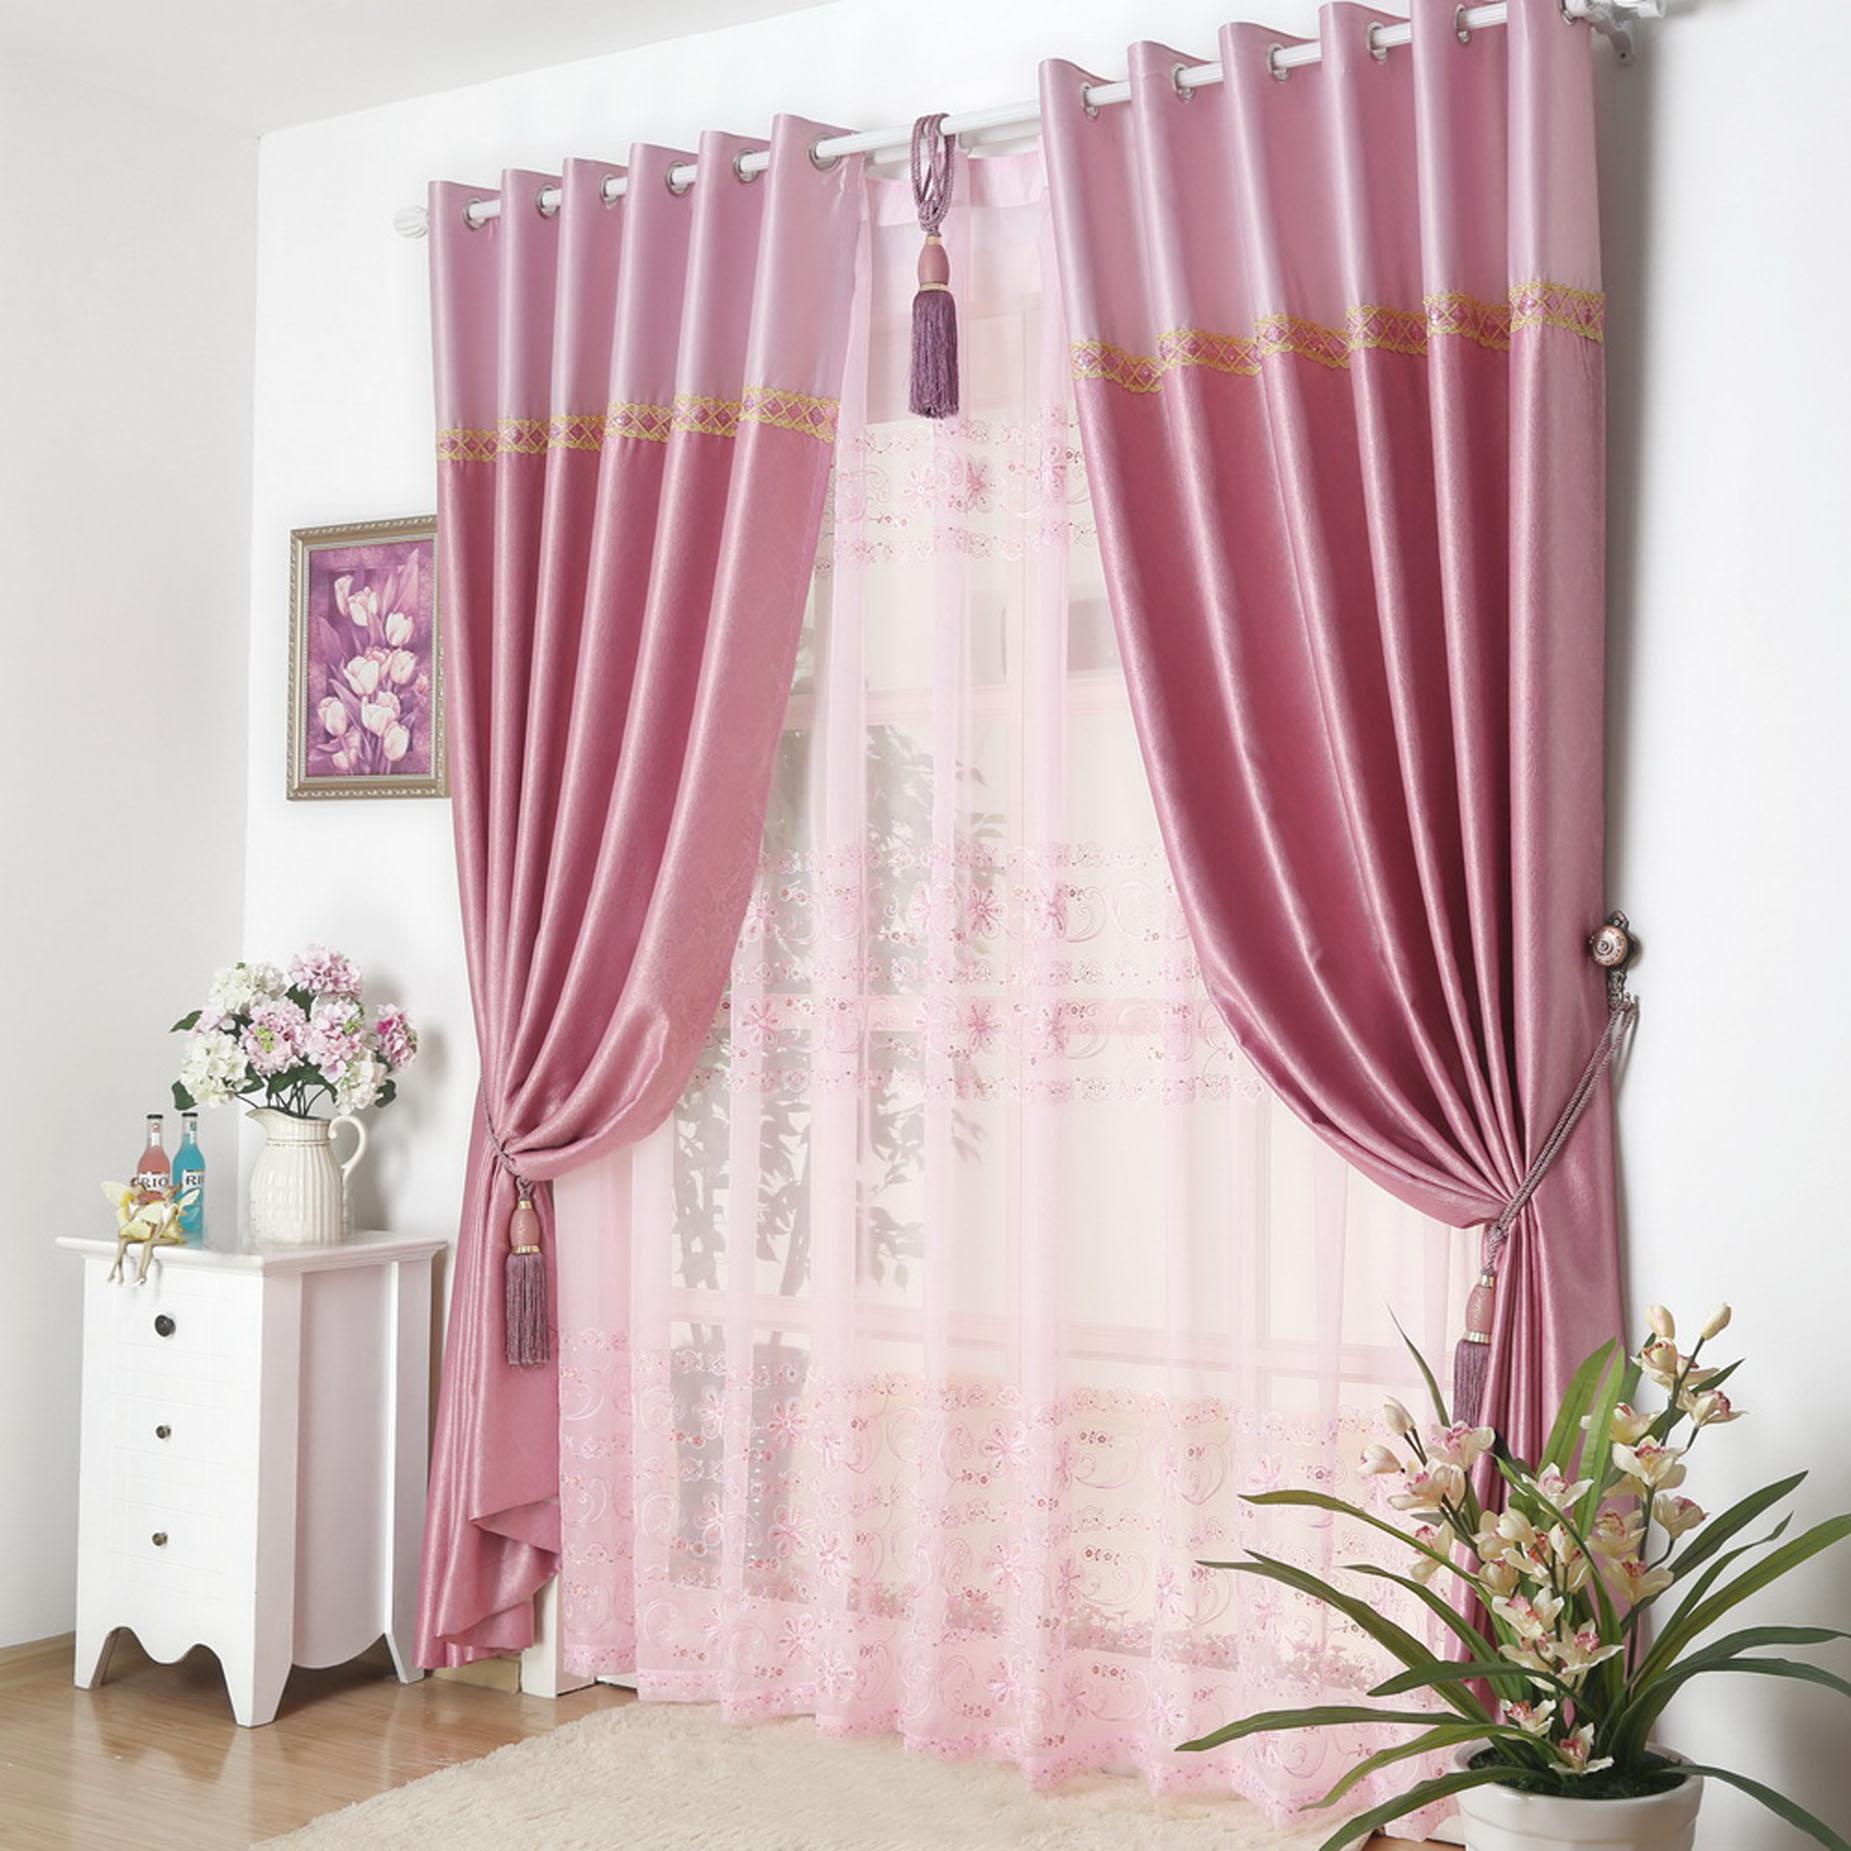 集美窗帘墙纸之客厅卧室窗帘-产品价格|报价|图片